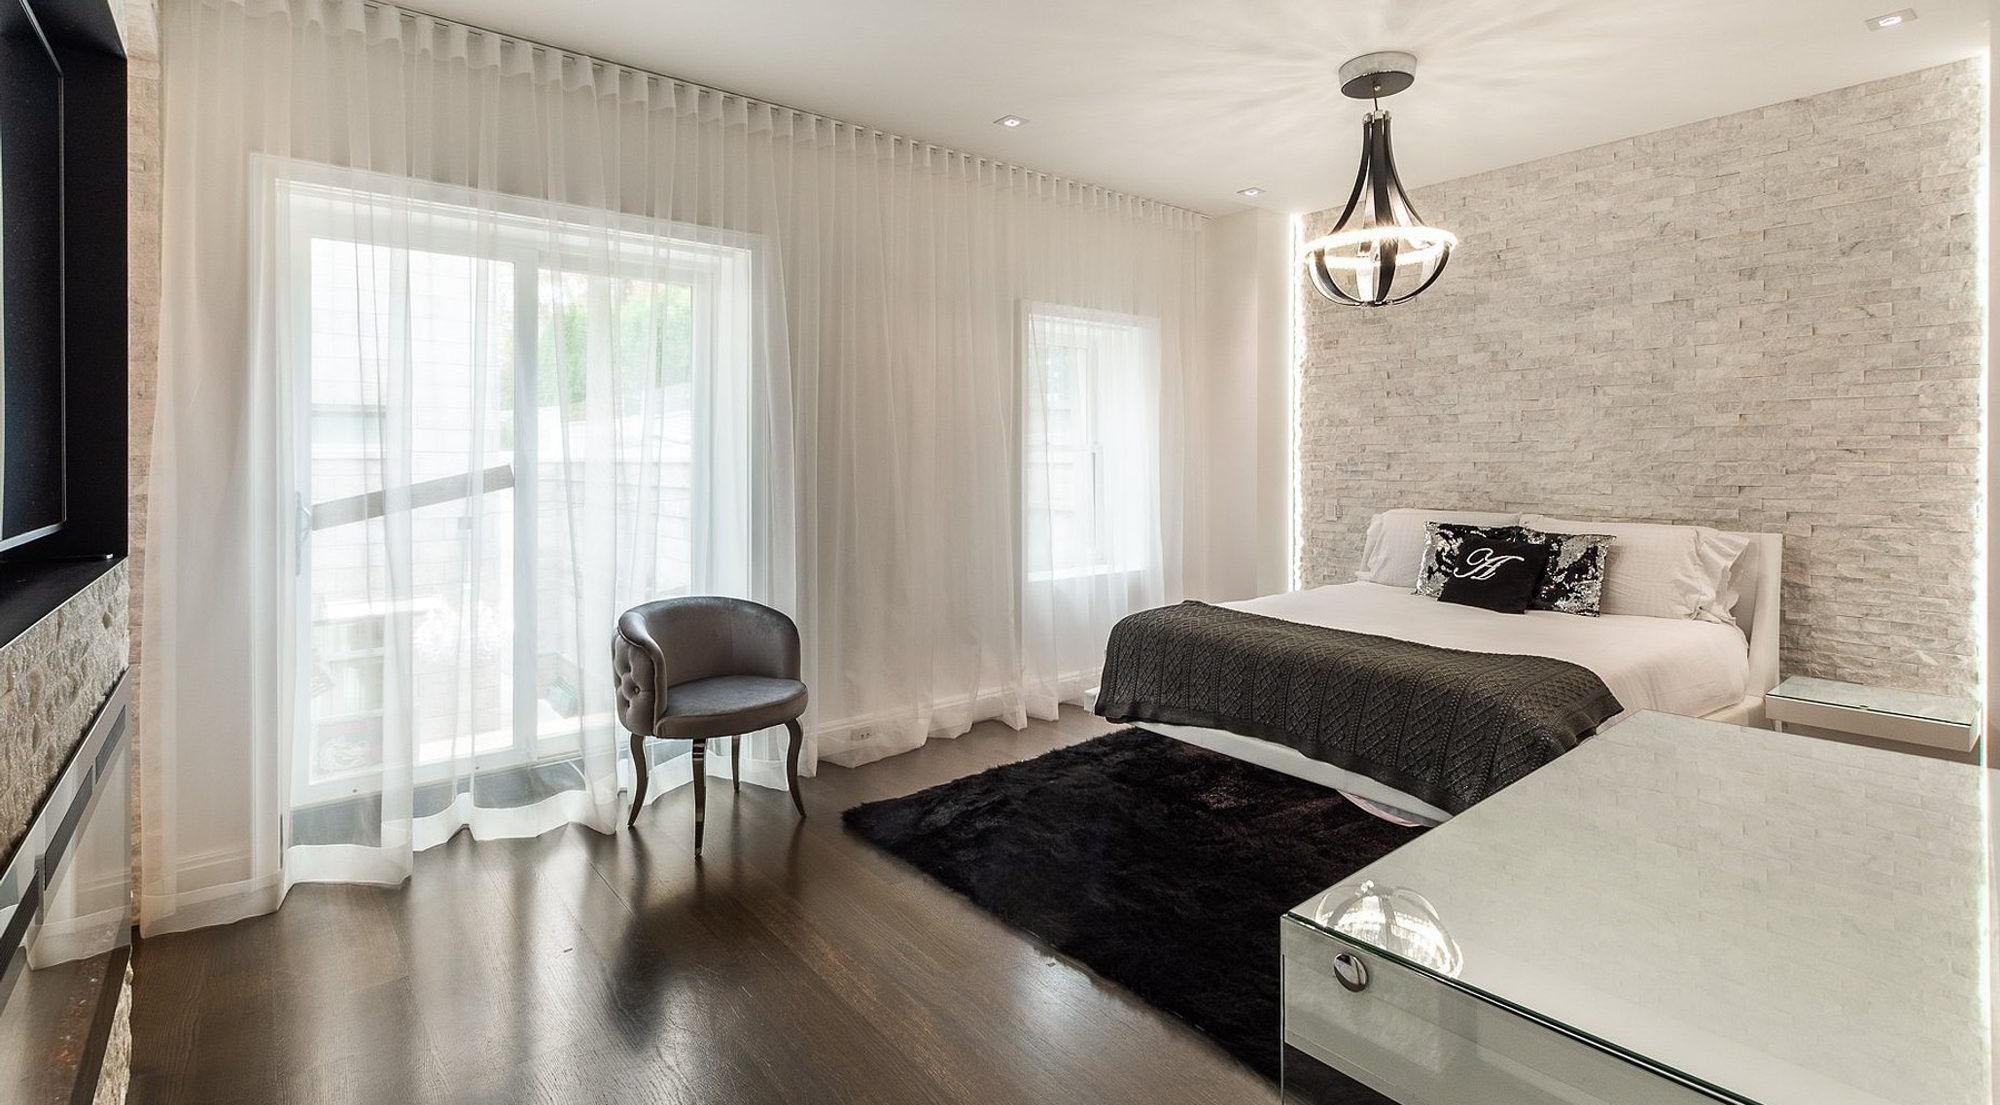 shag bedroom area rug black in a modern bedroom design